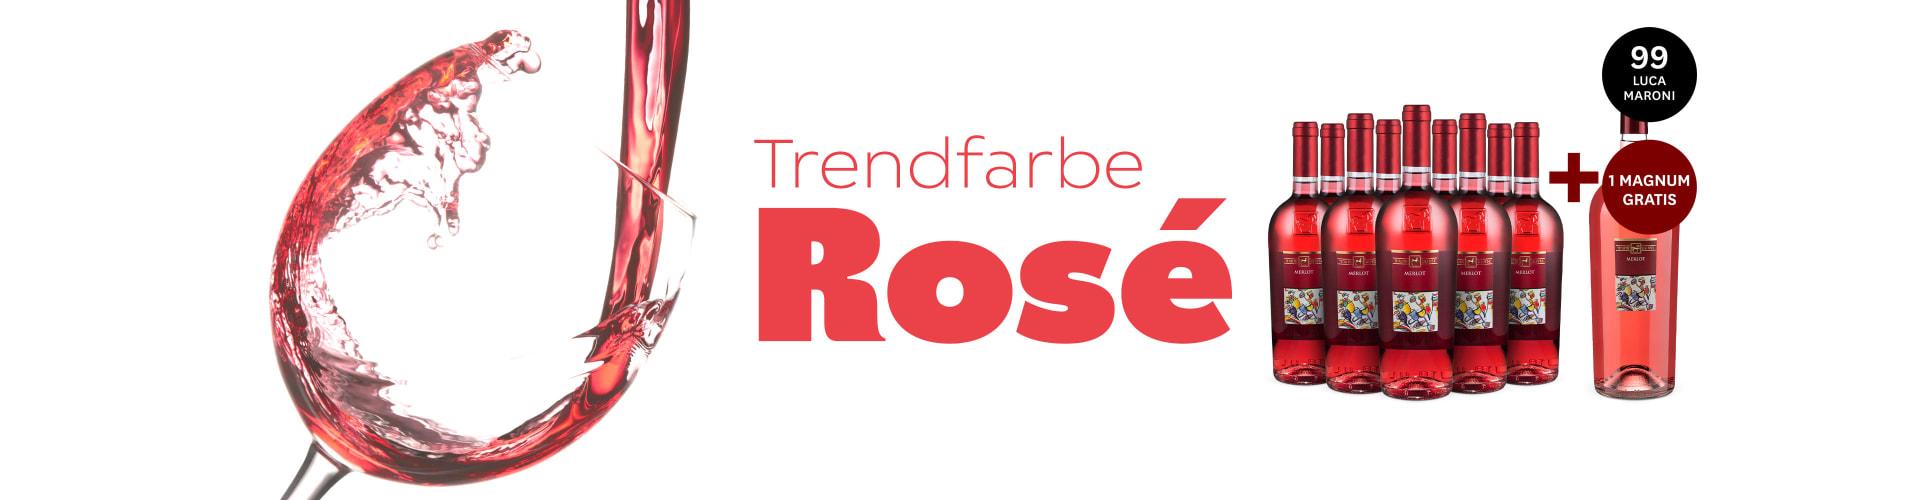 Rosé-Spezial mit frischen Weinen